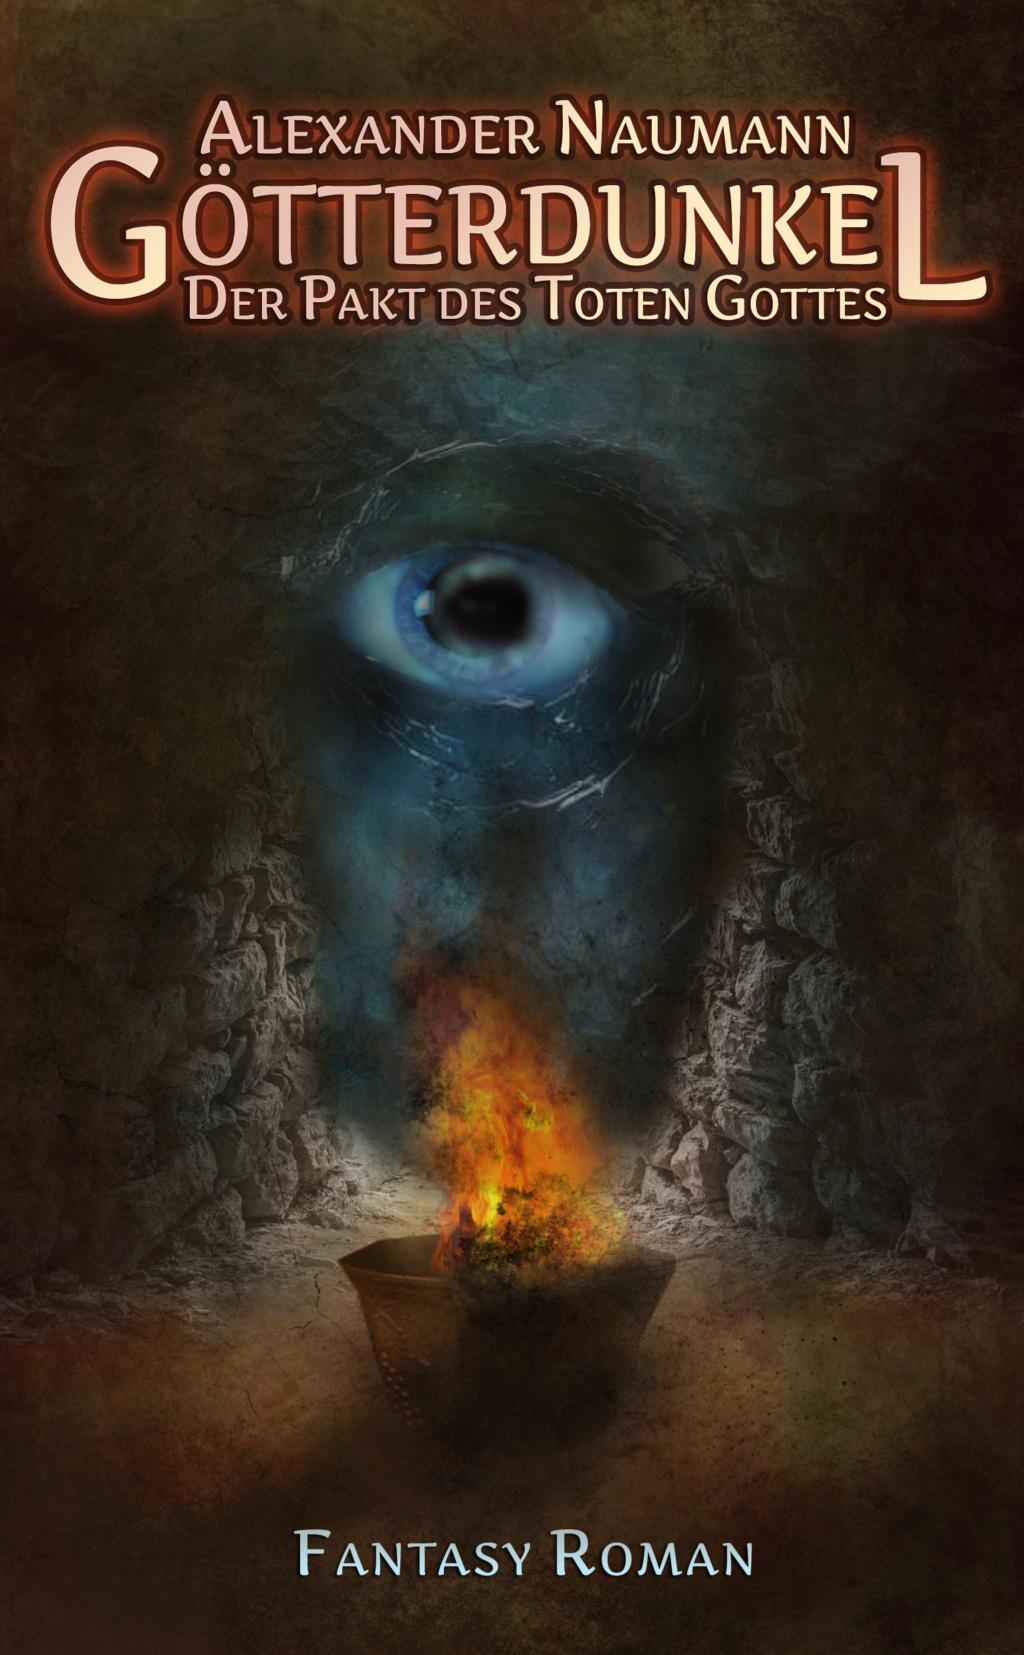 Götterdunkel-Der Pakt des toten Gottes, Alexander Naumann Final-10